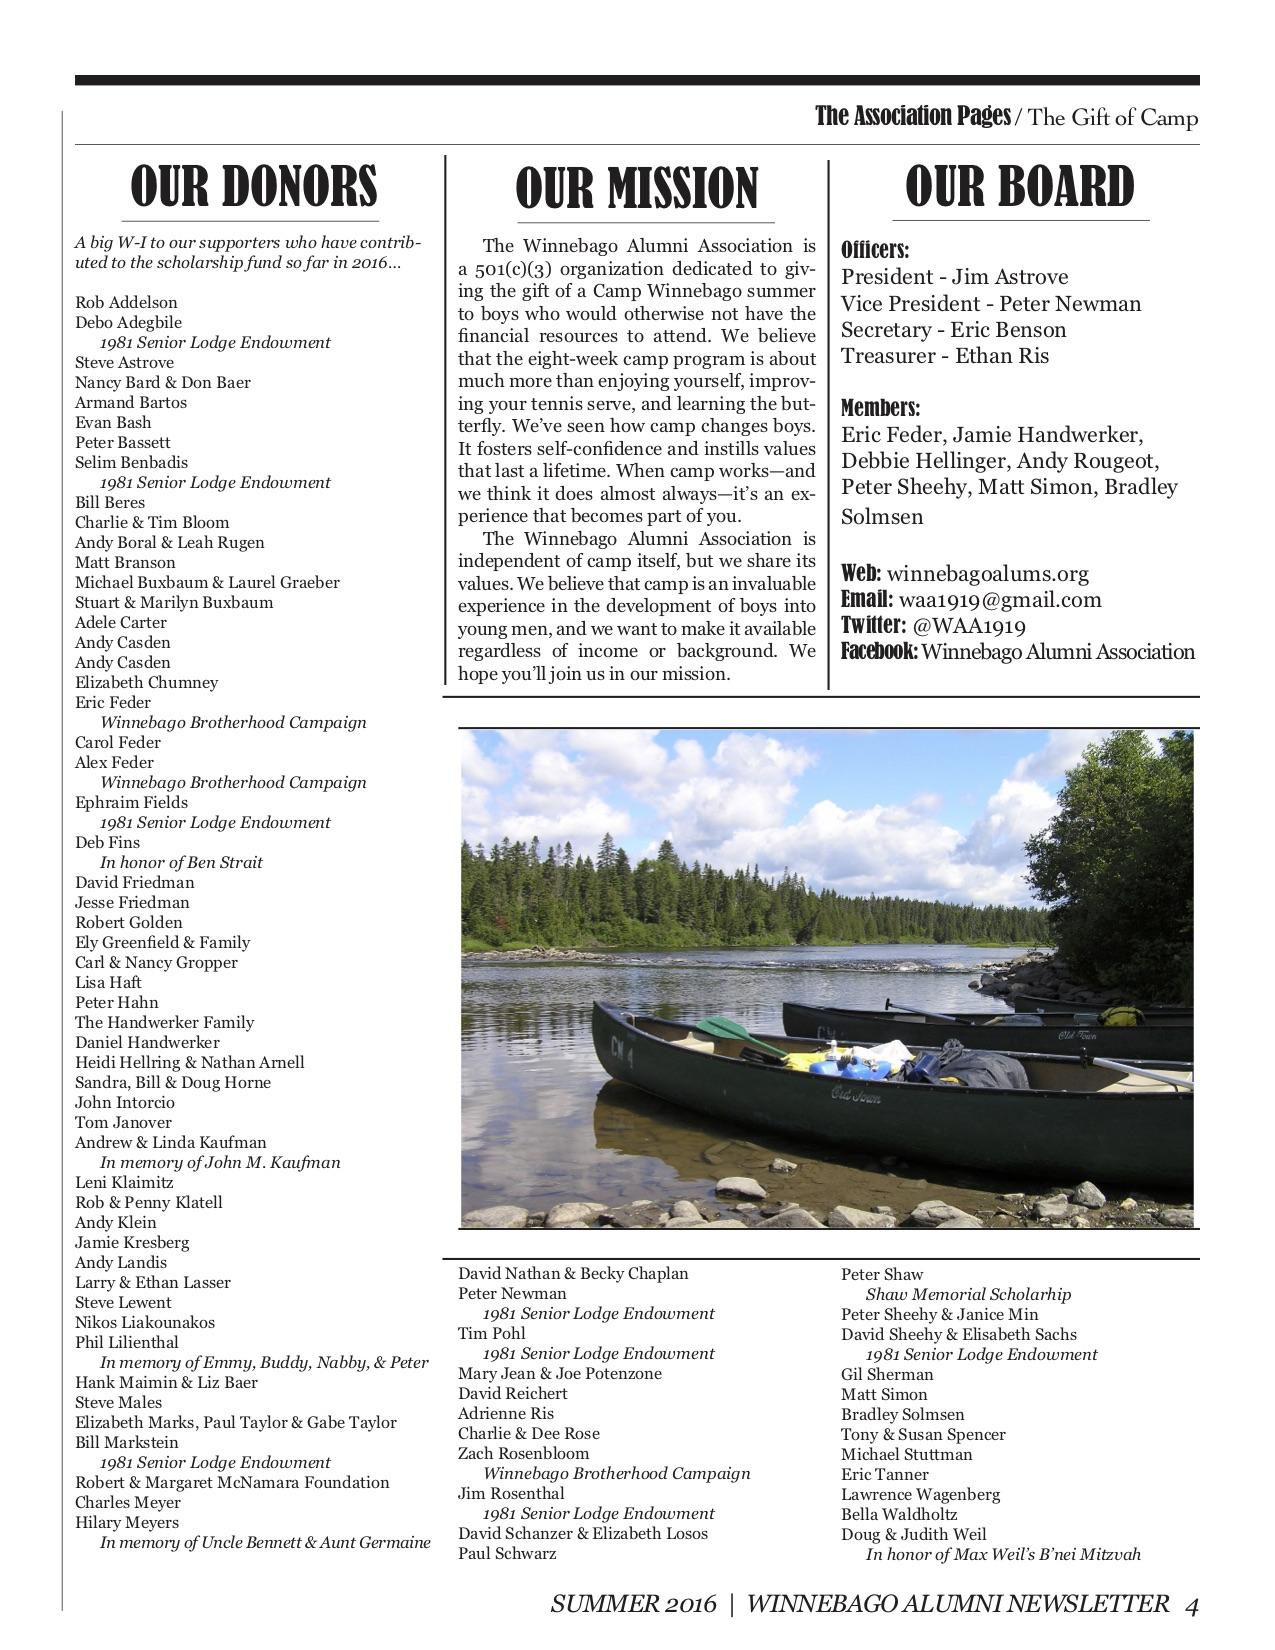 2016 Summer Newsletter 4.jpg